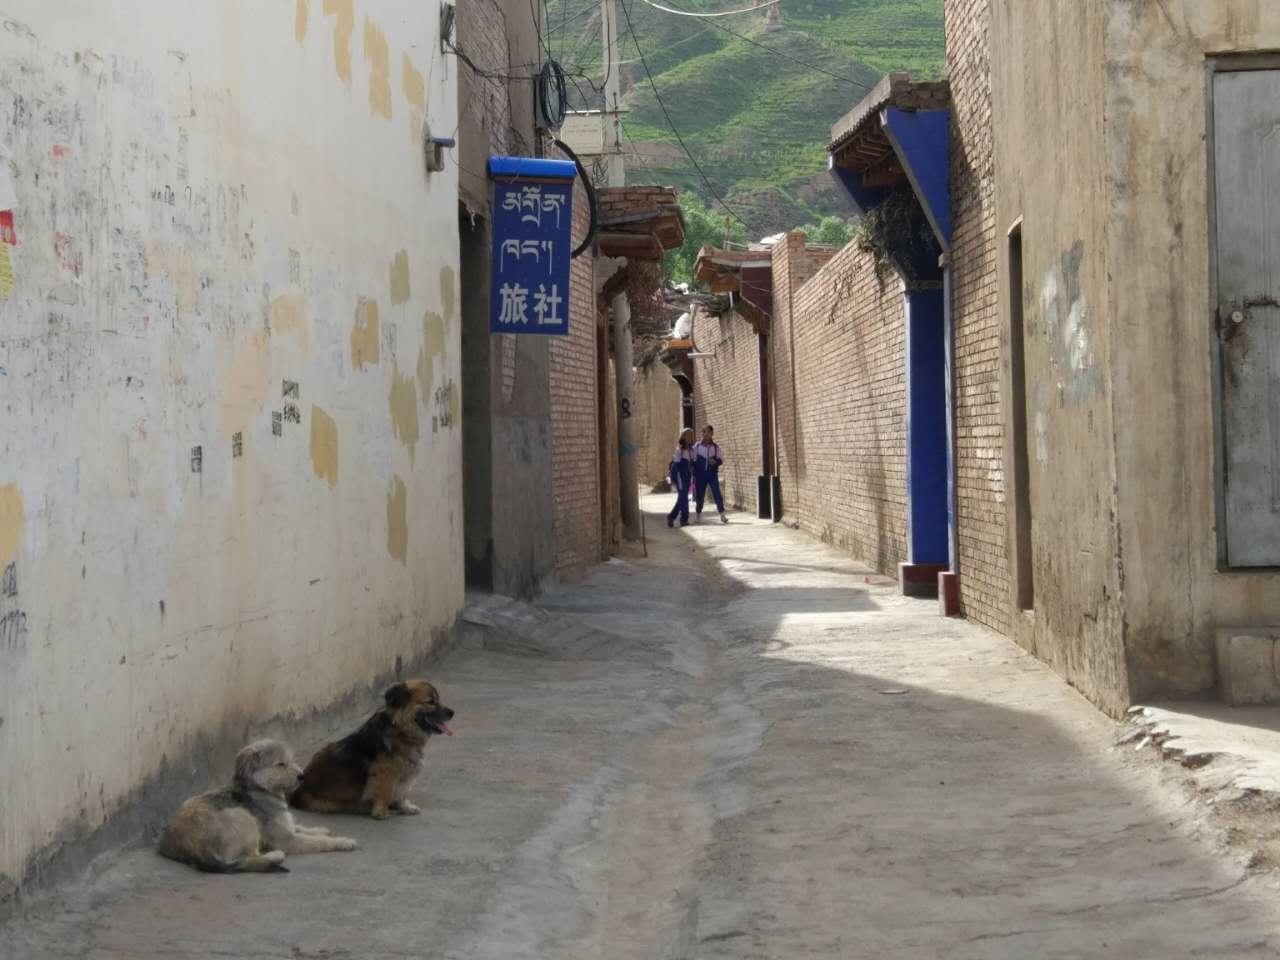 青海有个小县城, 男人在家画画女人在外耕作